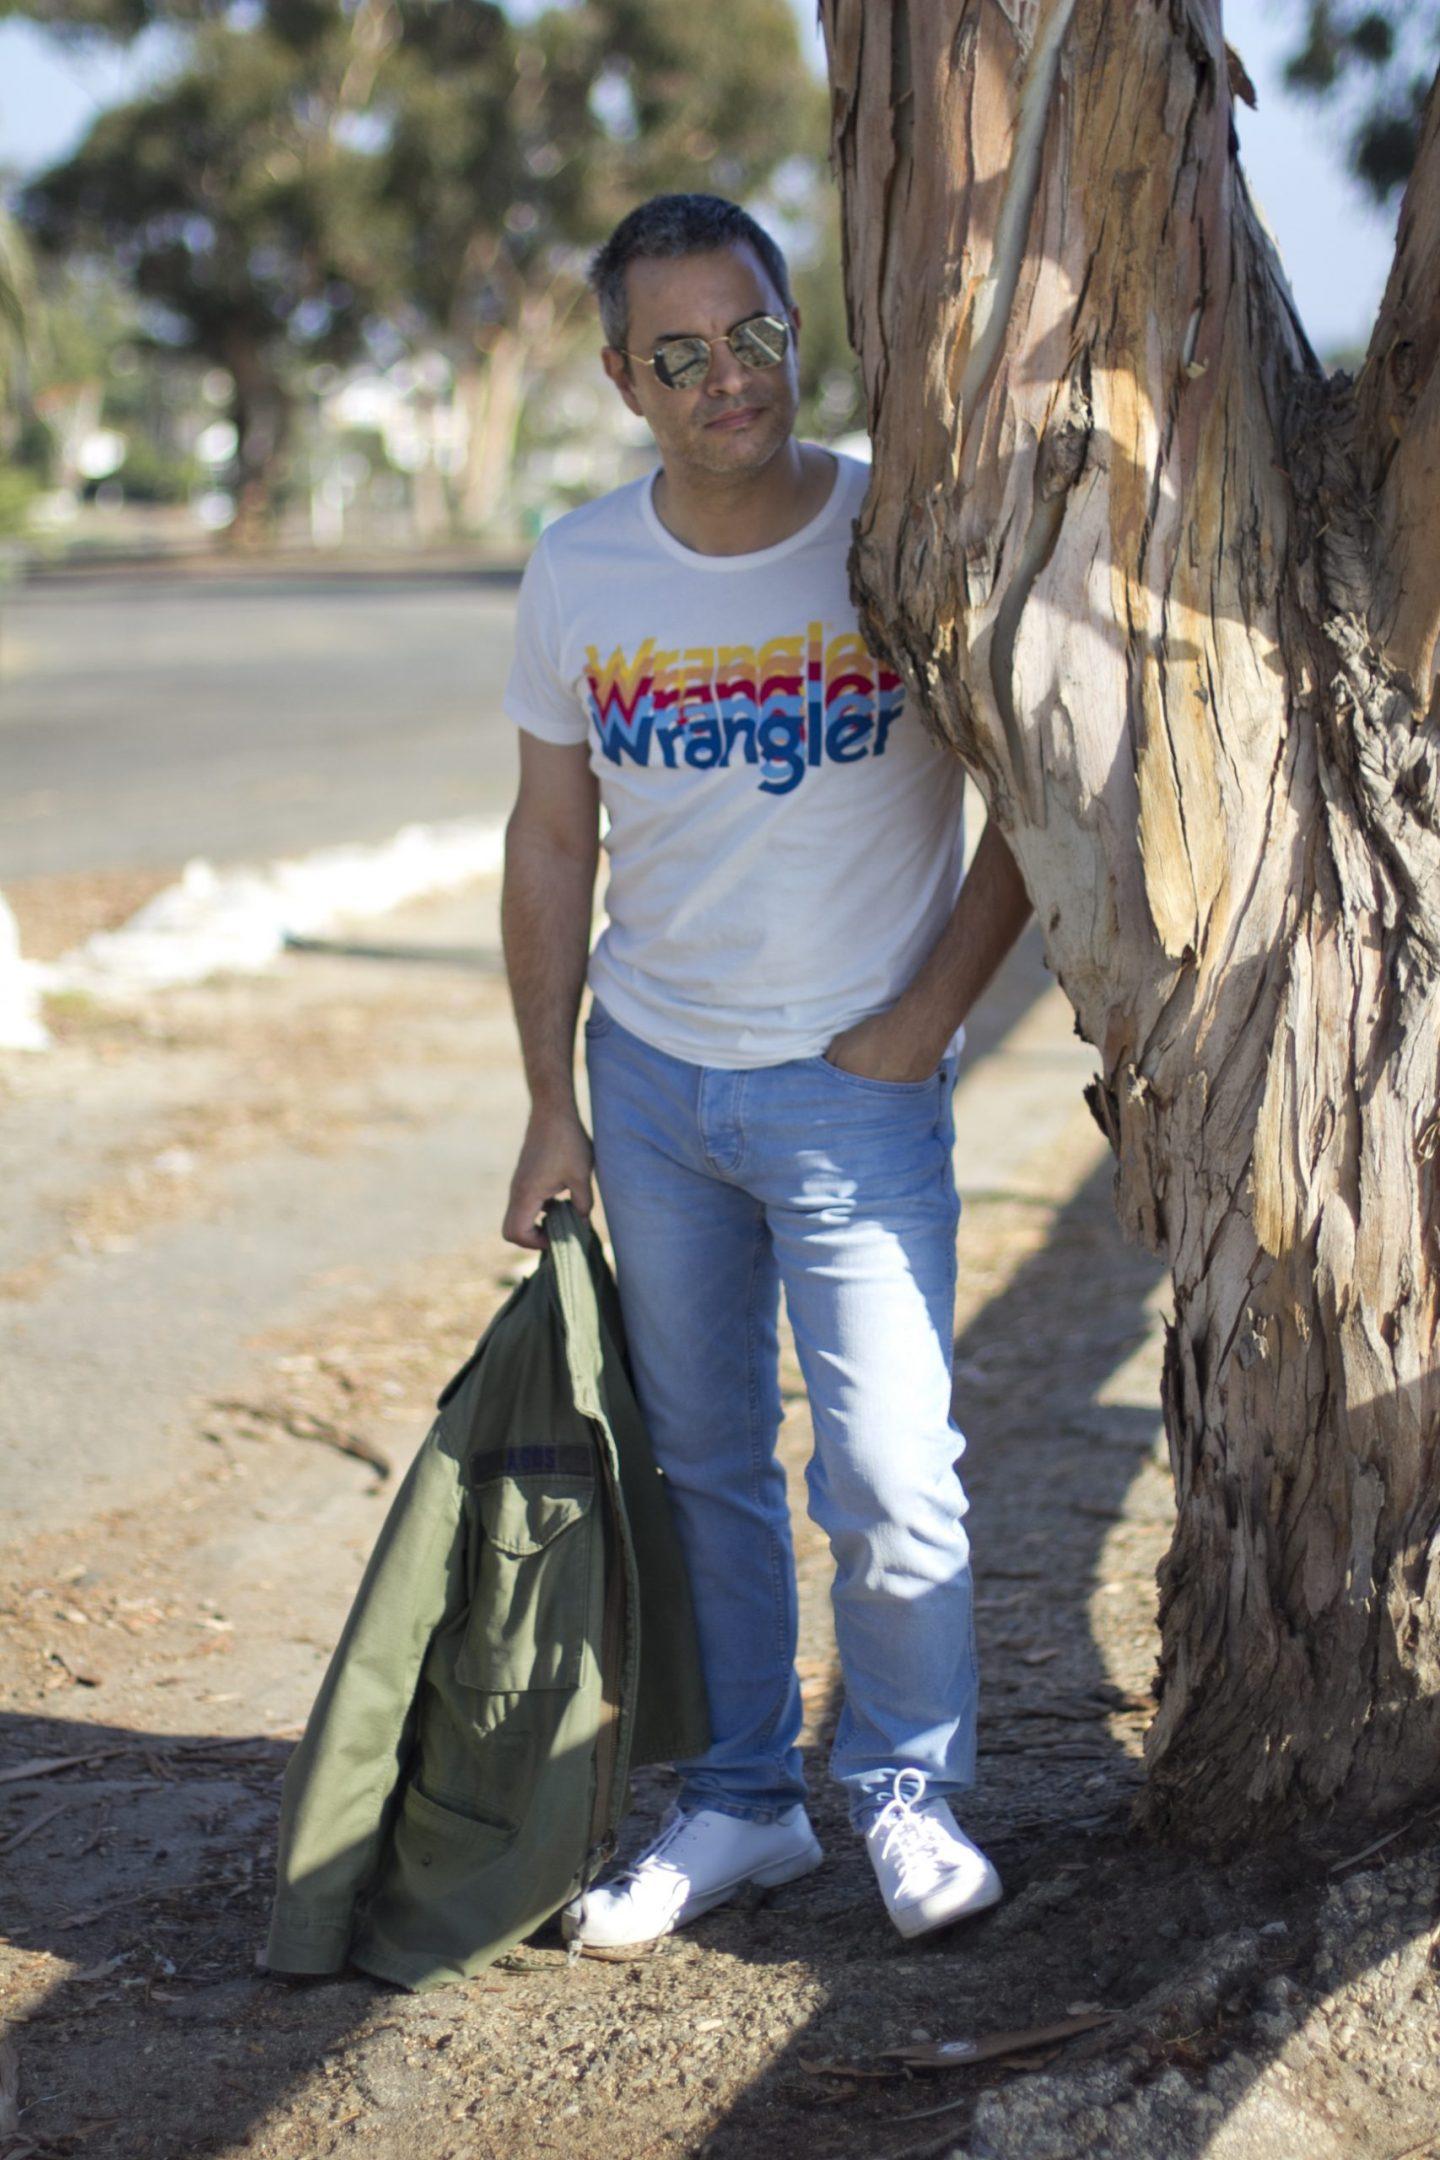 Wrangler jeans Los Angeles men's blogger